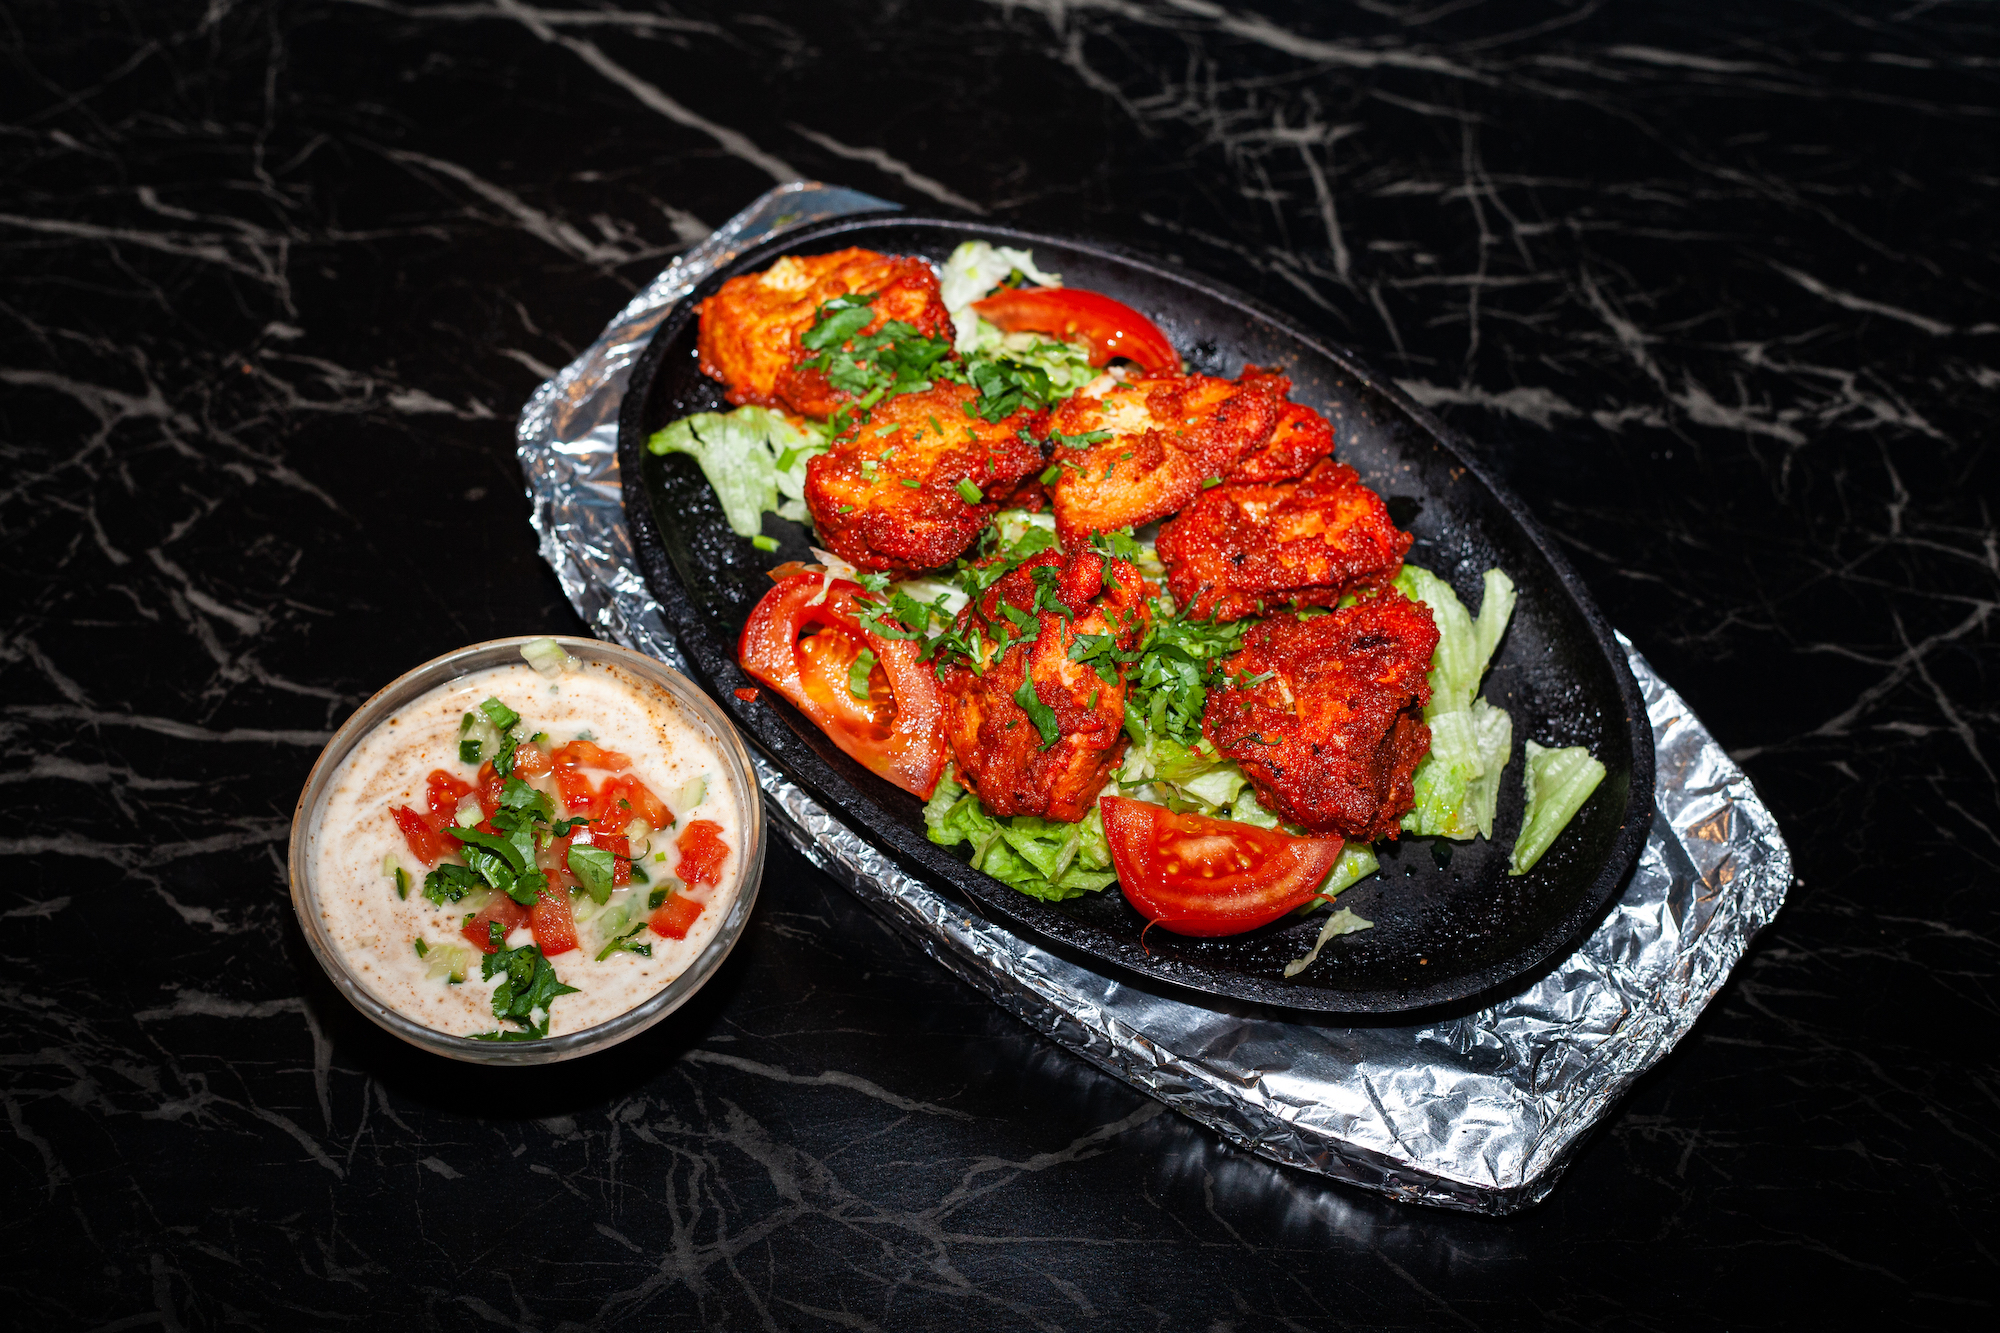 Das kleine, indisch-italienische Restaurant ist ein Geheimtipp – Laxmi Tandoori